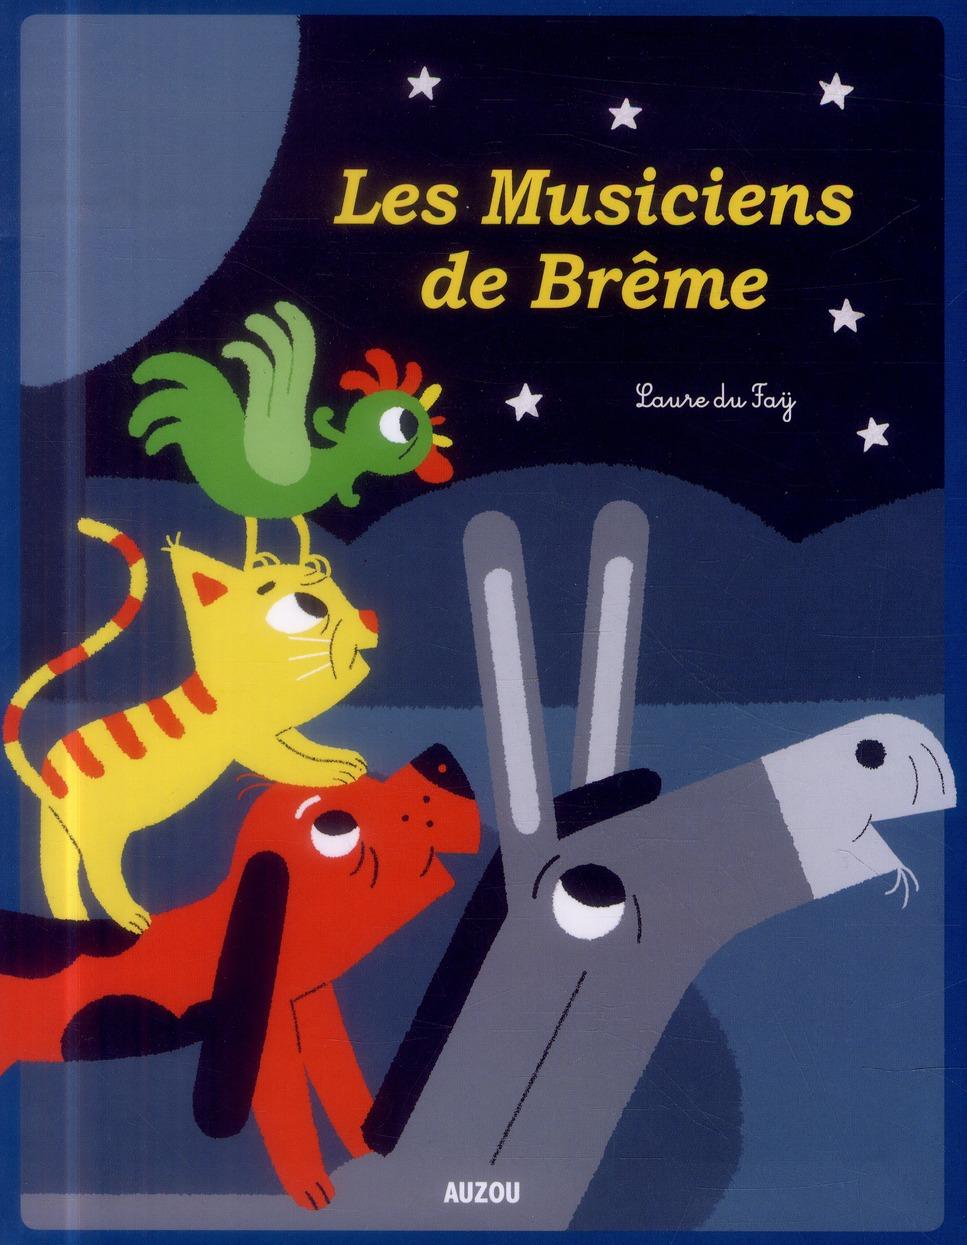 LES MUSICIENS DE BREME